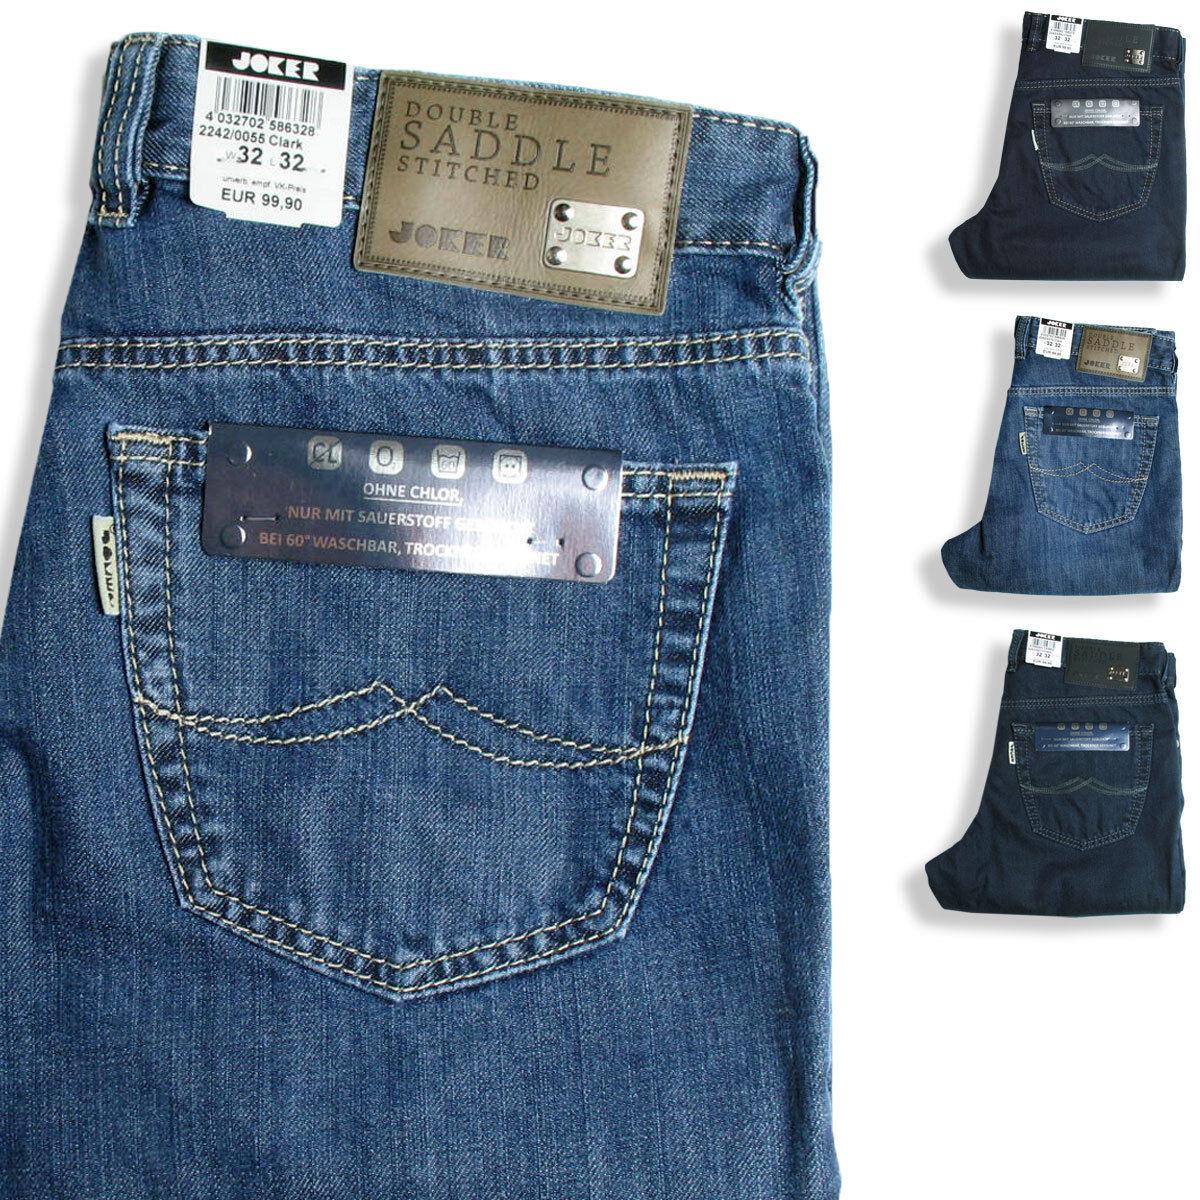 Joker Men's Jeans Clark Colour Selection bluee Denim 2242 2243 55 243 212 310